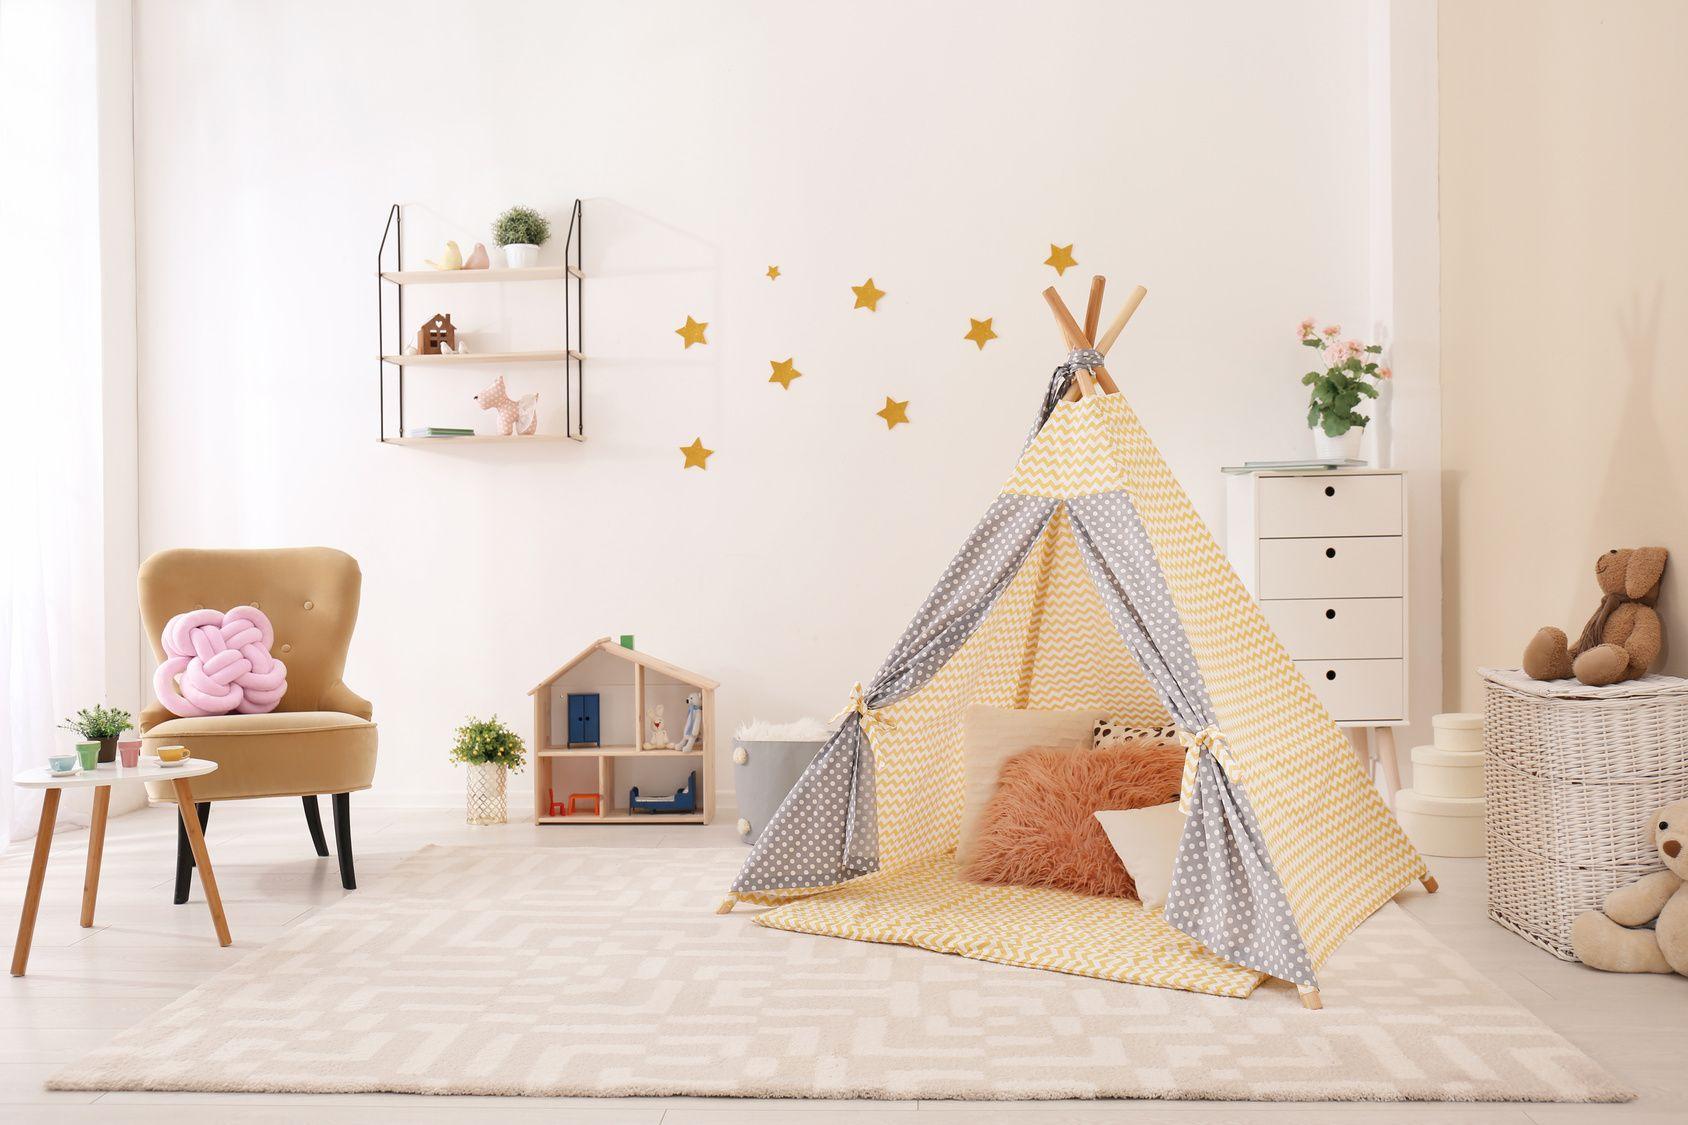 Fußboden Kinderzimmer Geeignet ~ Wie sie schadstoffe im kinderzimmer vermeiden verbraucherzentrale